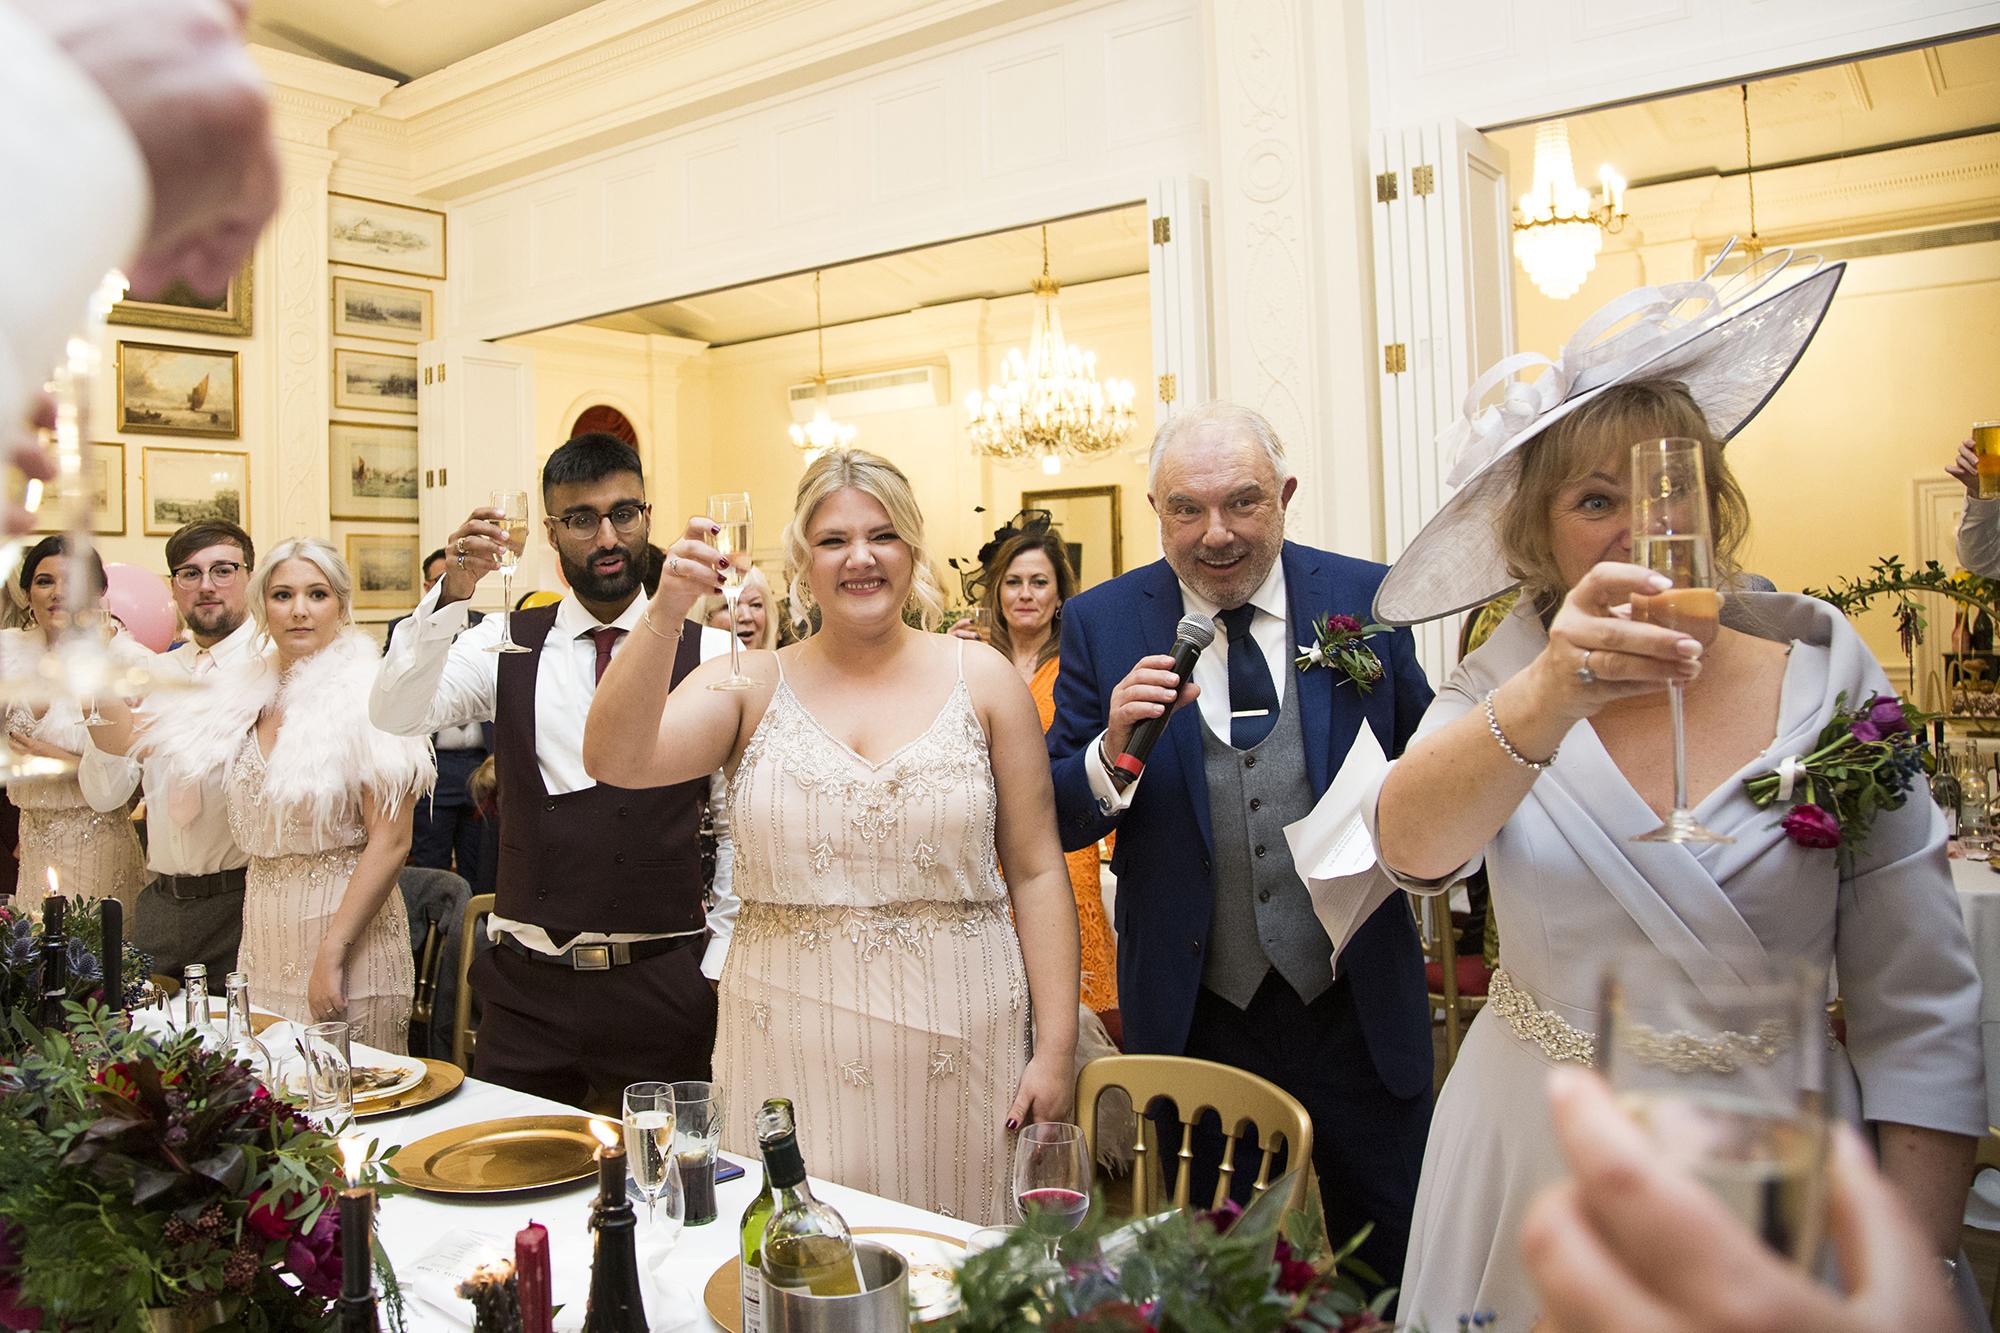 Trafalgar-Tavern-Greenwich-Wedding-Charlott-King-Photography (245)